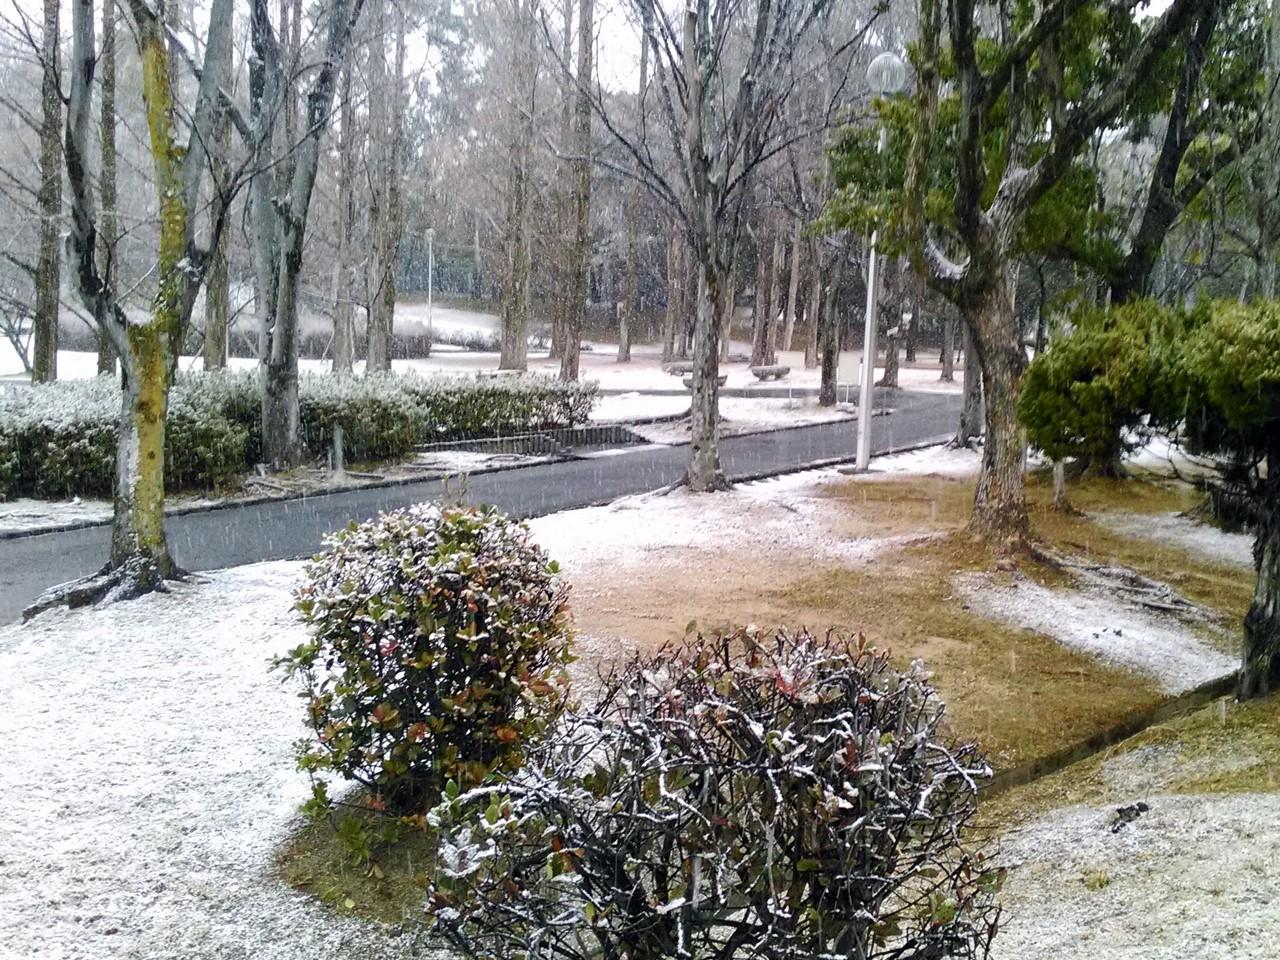 町に雪が降った日, a snowy day